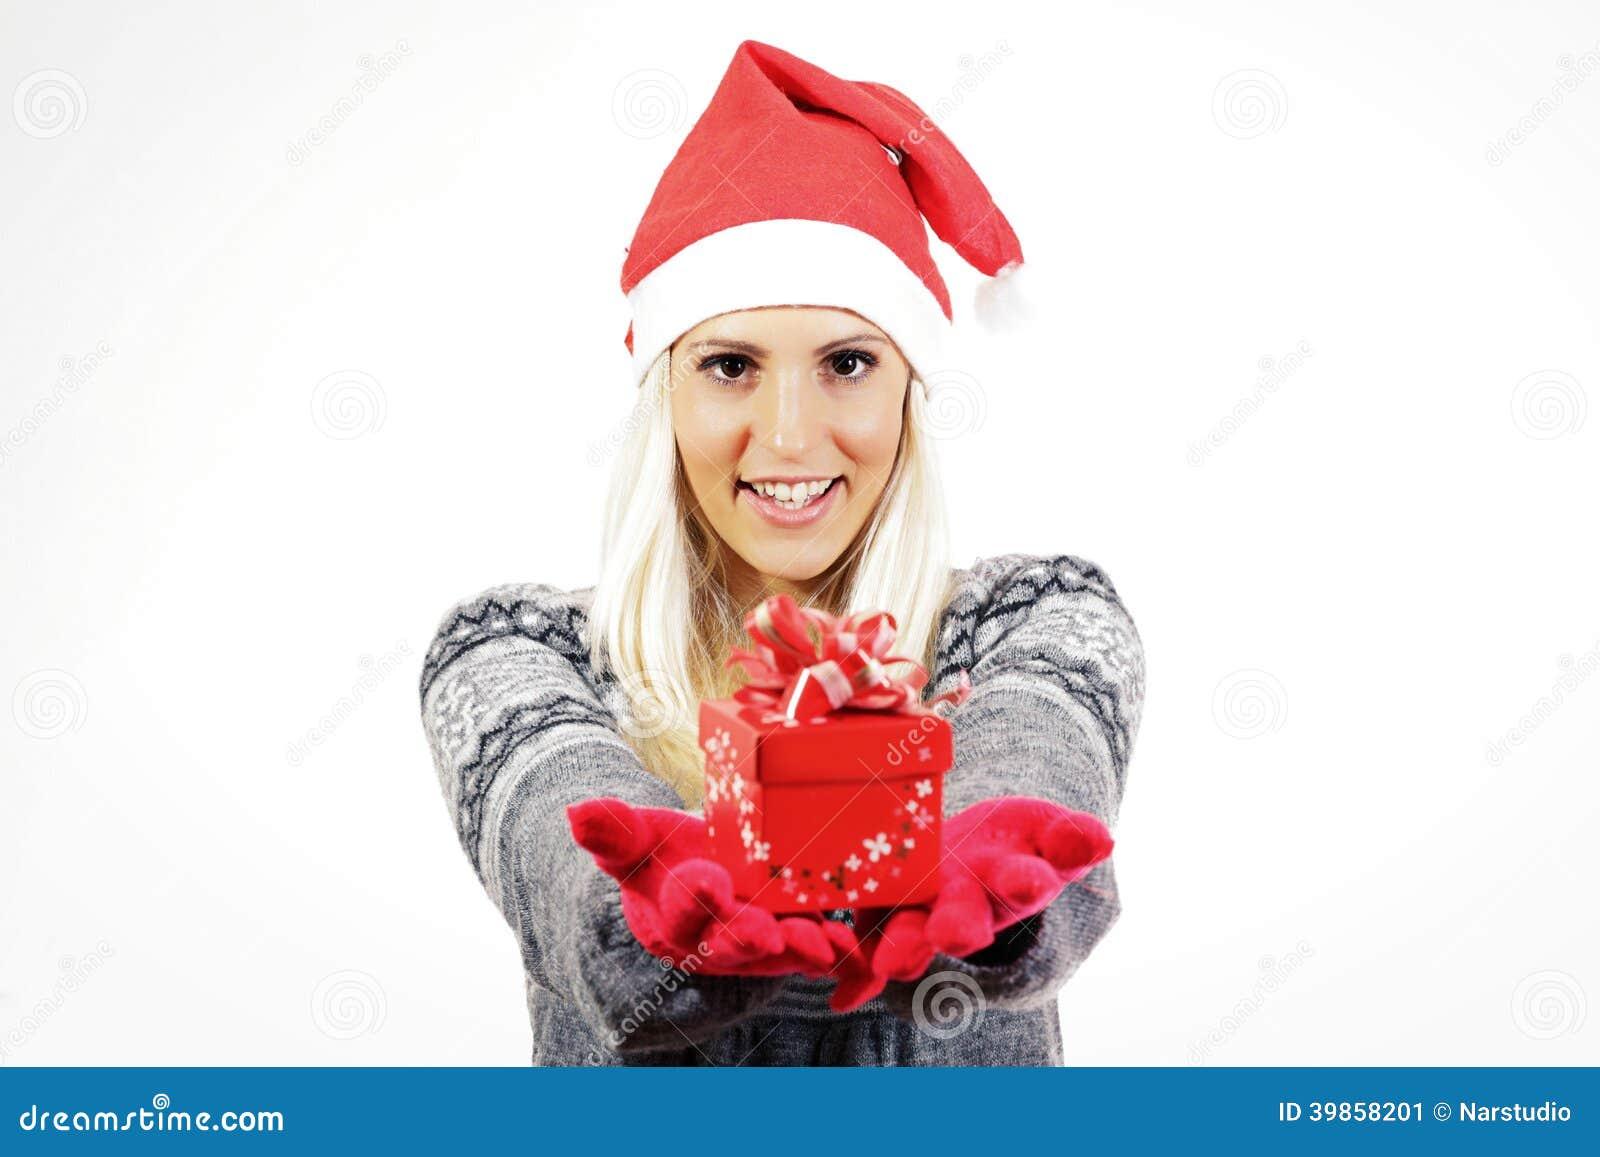 Χαριτωμένο νέο κορίτσι με το καπέλο Άγιου Βασίλη, που κρατά ένα παρόν